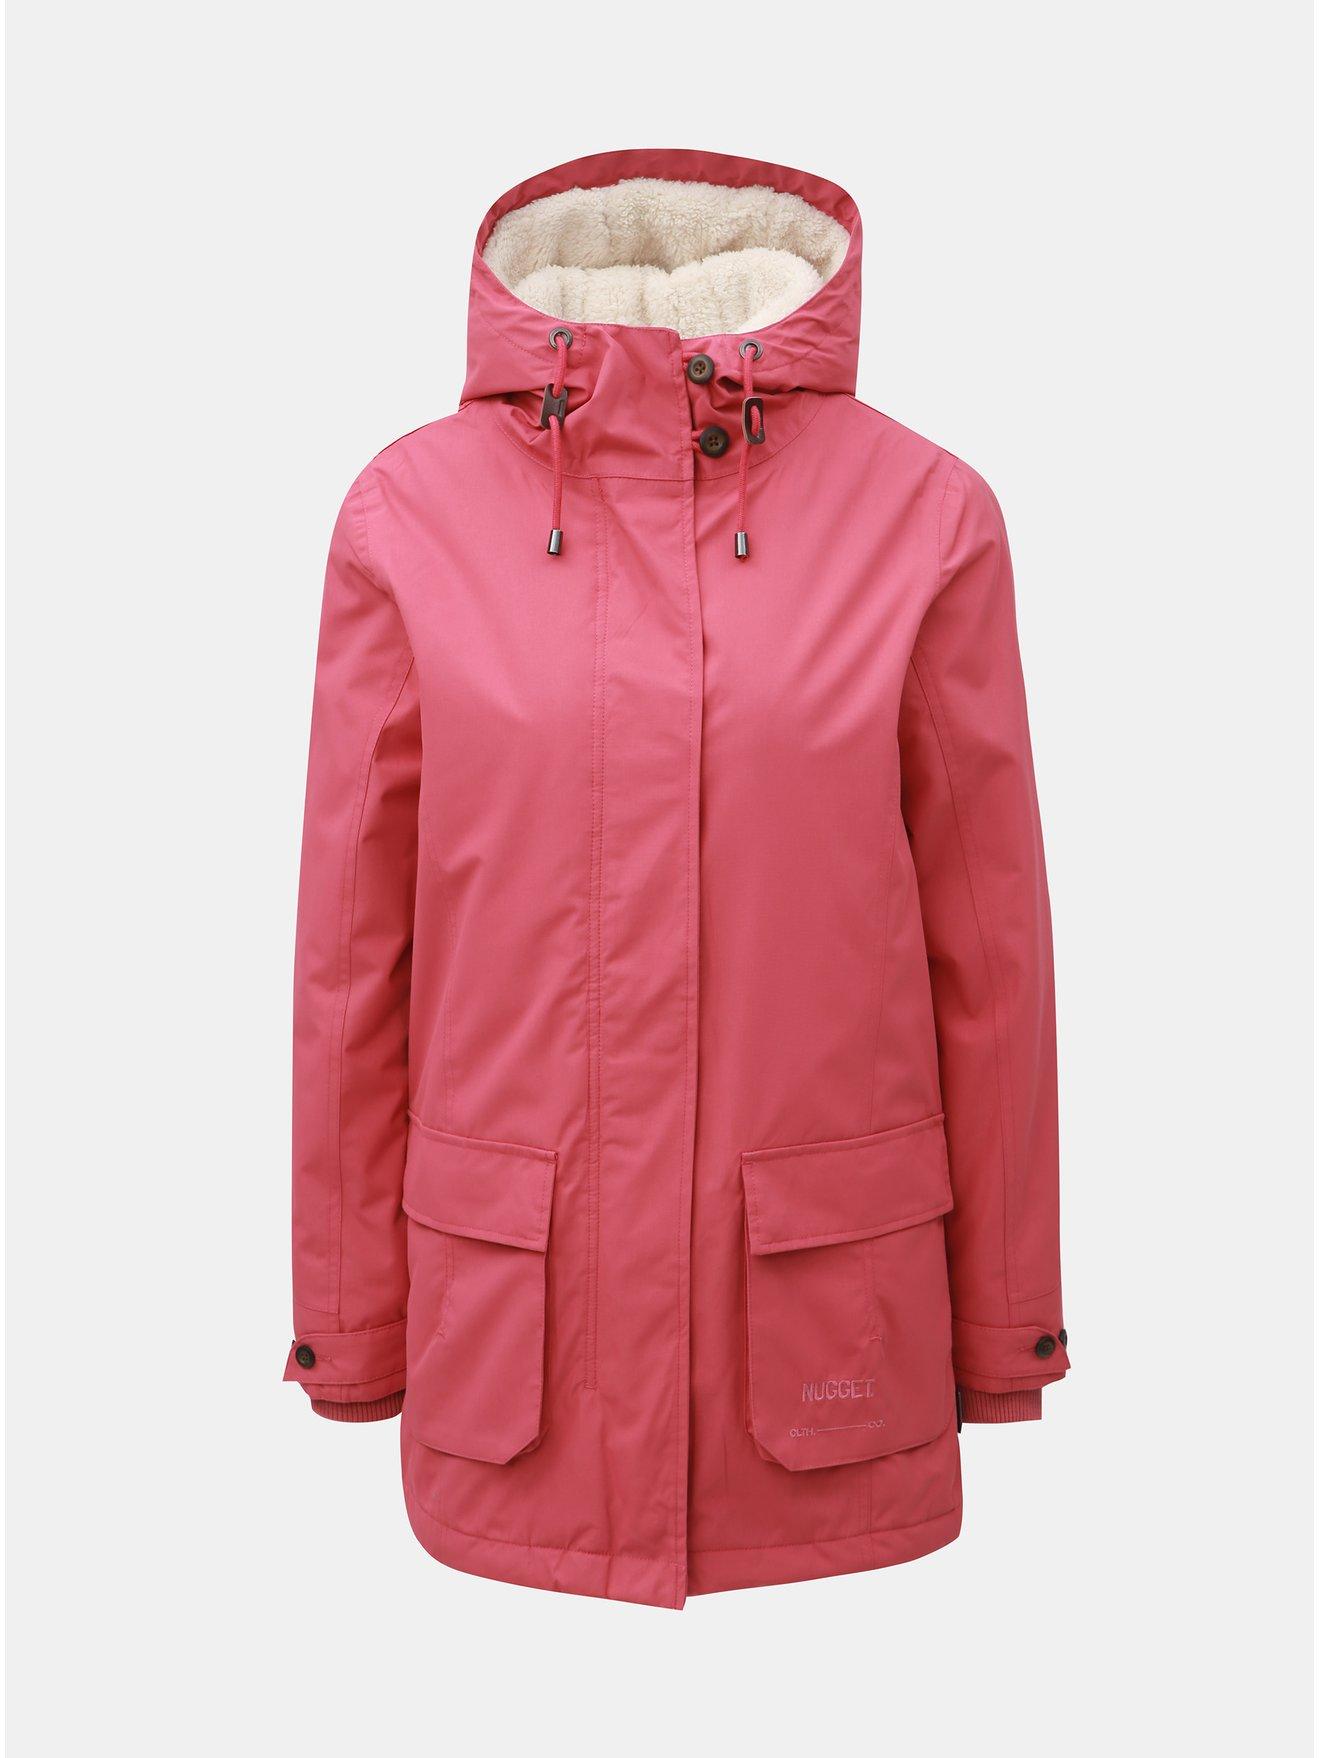 Růžová dámská zimní bunda Nugget Hita